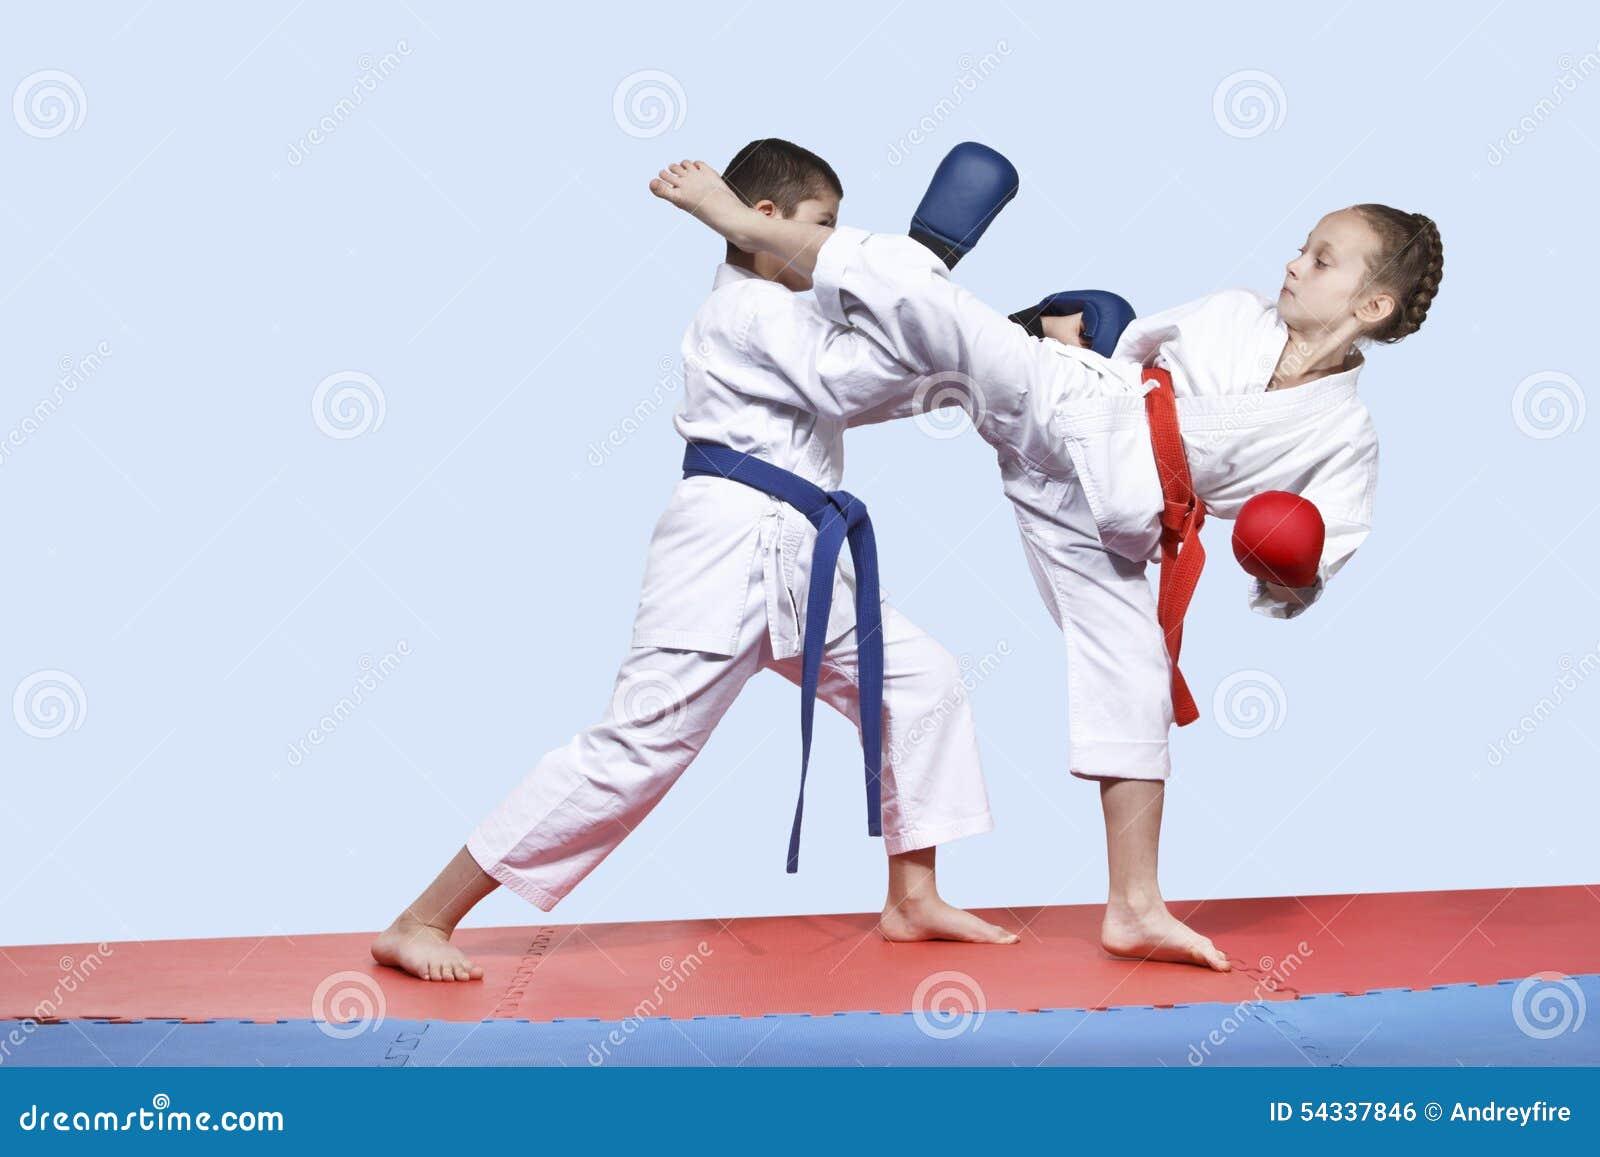 martial arts training exercises pdf